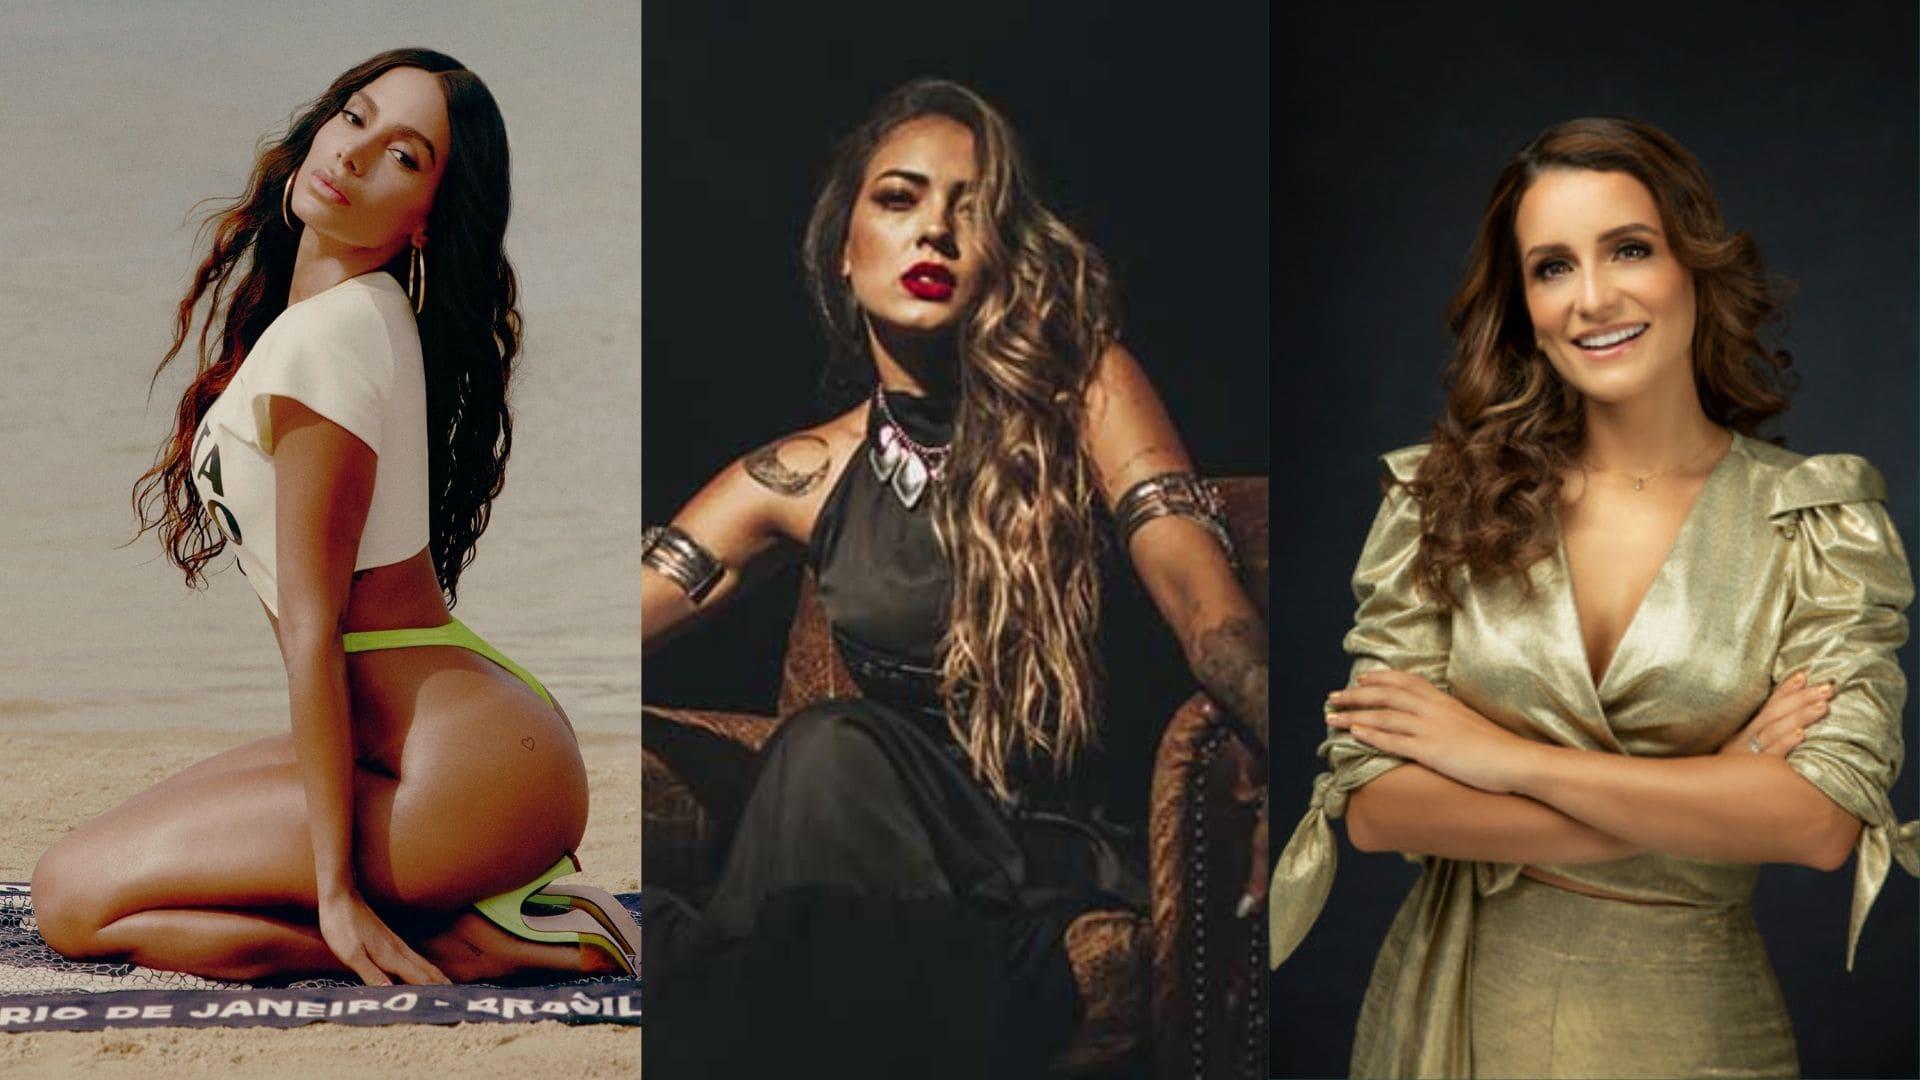 Anitta, Jez Summers, Pitizión, J Álvarez, Ventino, Margarita Doria y más lanzamientos musicales